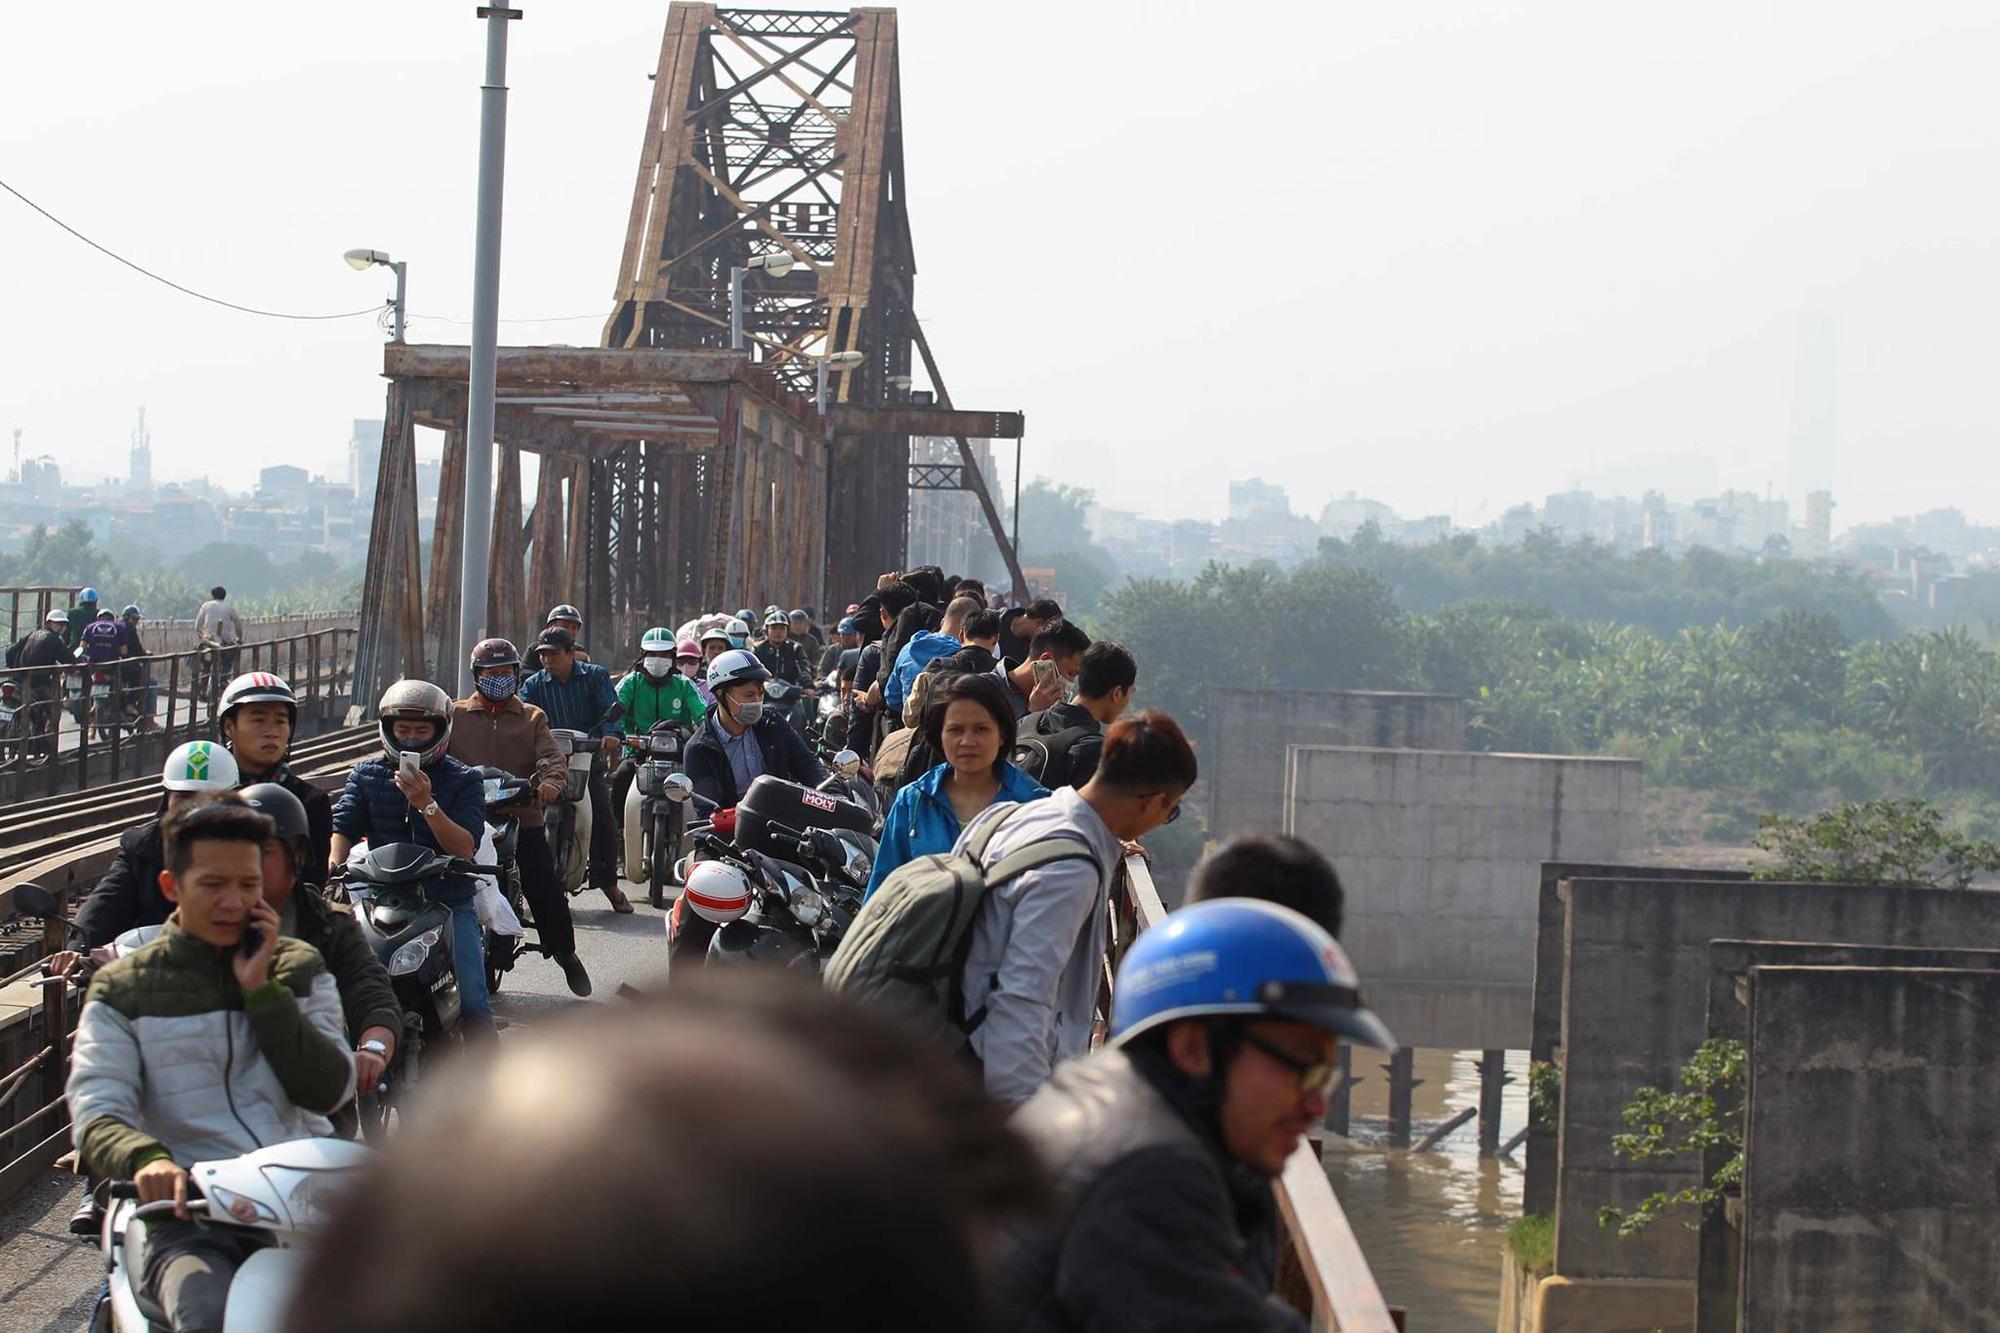 Hà Nội: Hoảng hồn phát hiện quả bom 280kg gần cầu Long Biên  - Ảnh 2.